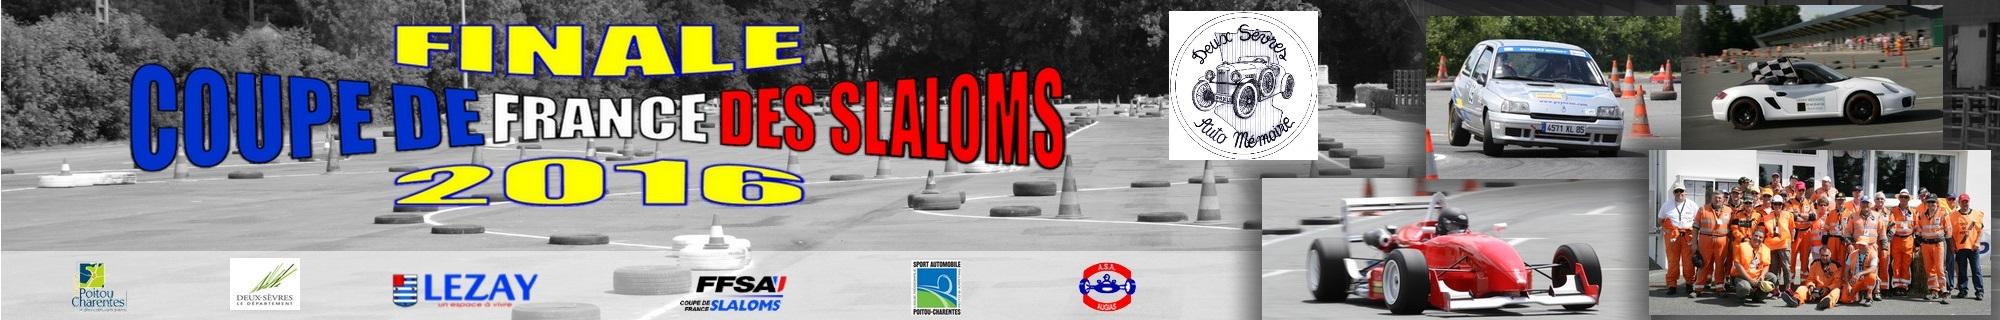 FINALE DE LA COUPE DE FRANCE DES SLALOMS 2016 – 10&11 SEPTEMBRE 2016